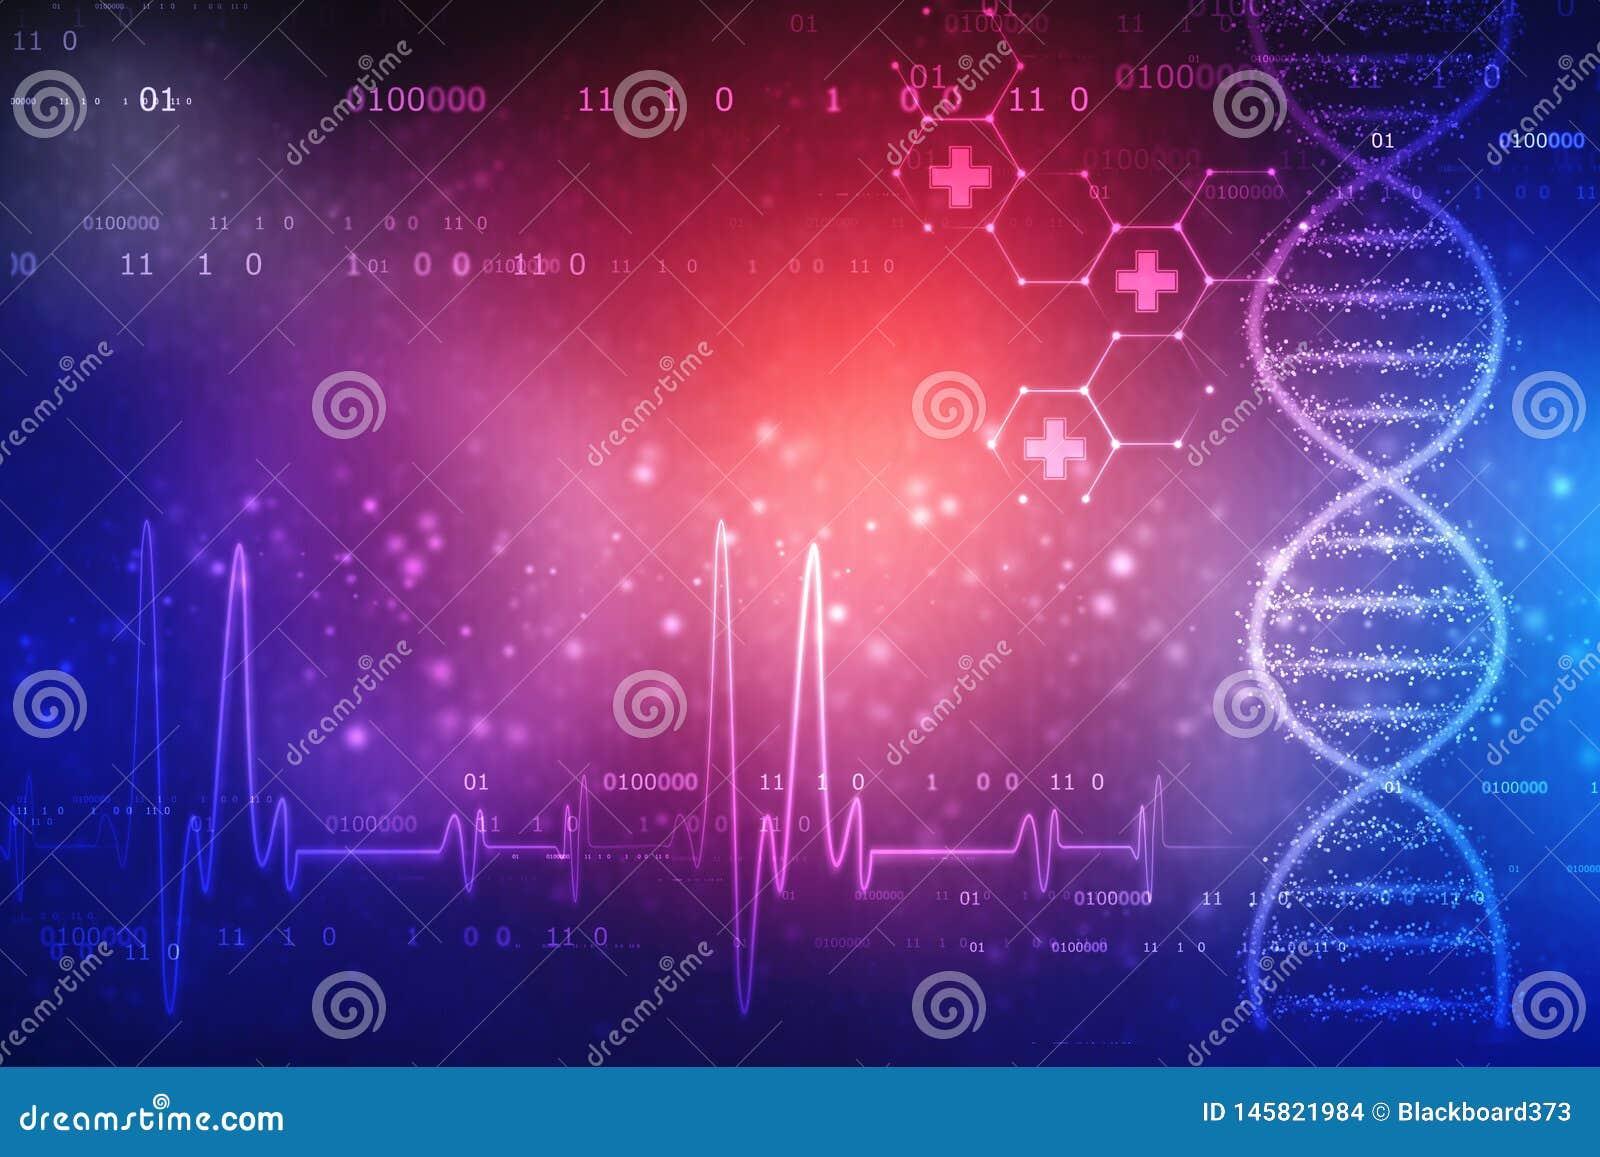 Ilustra??o de Digitas da estrutura do ADN, fundo m?dico abstrato